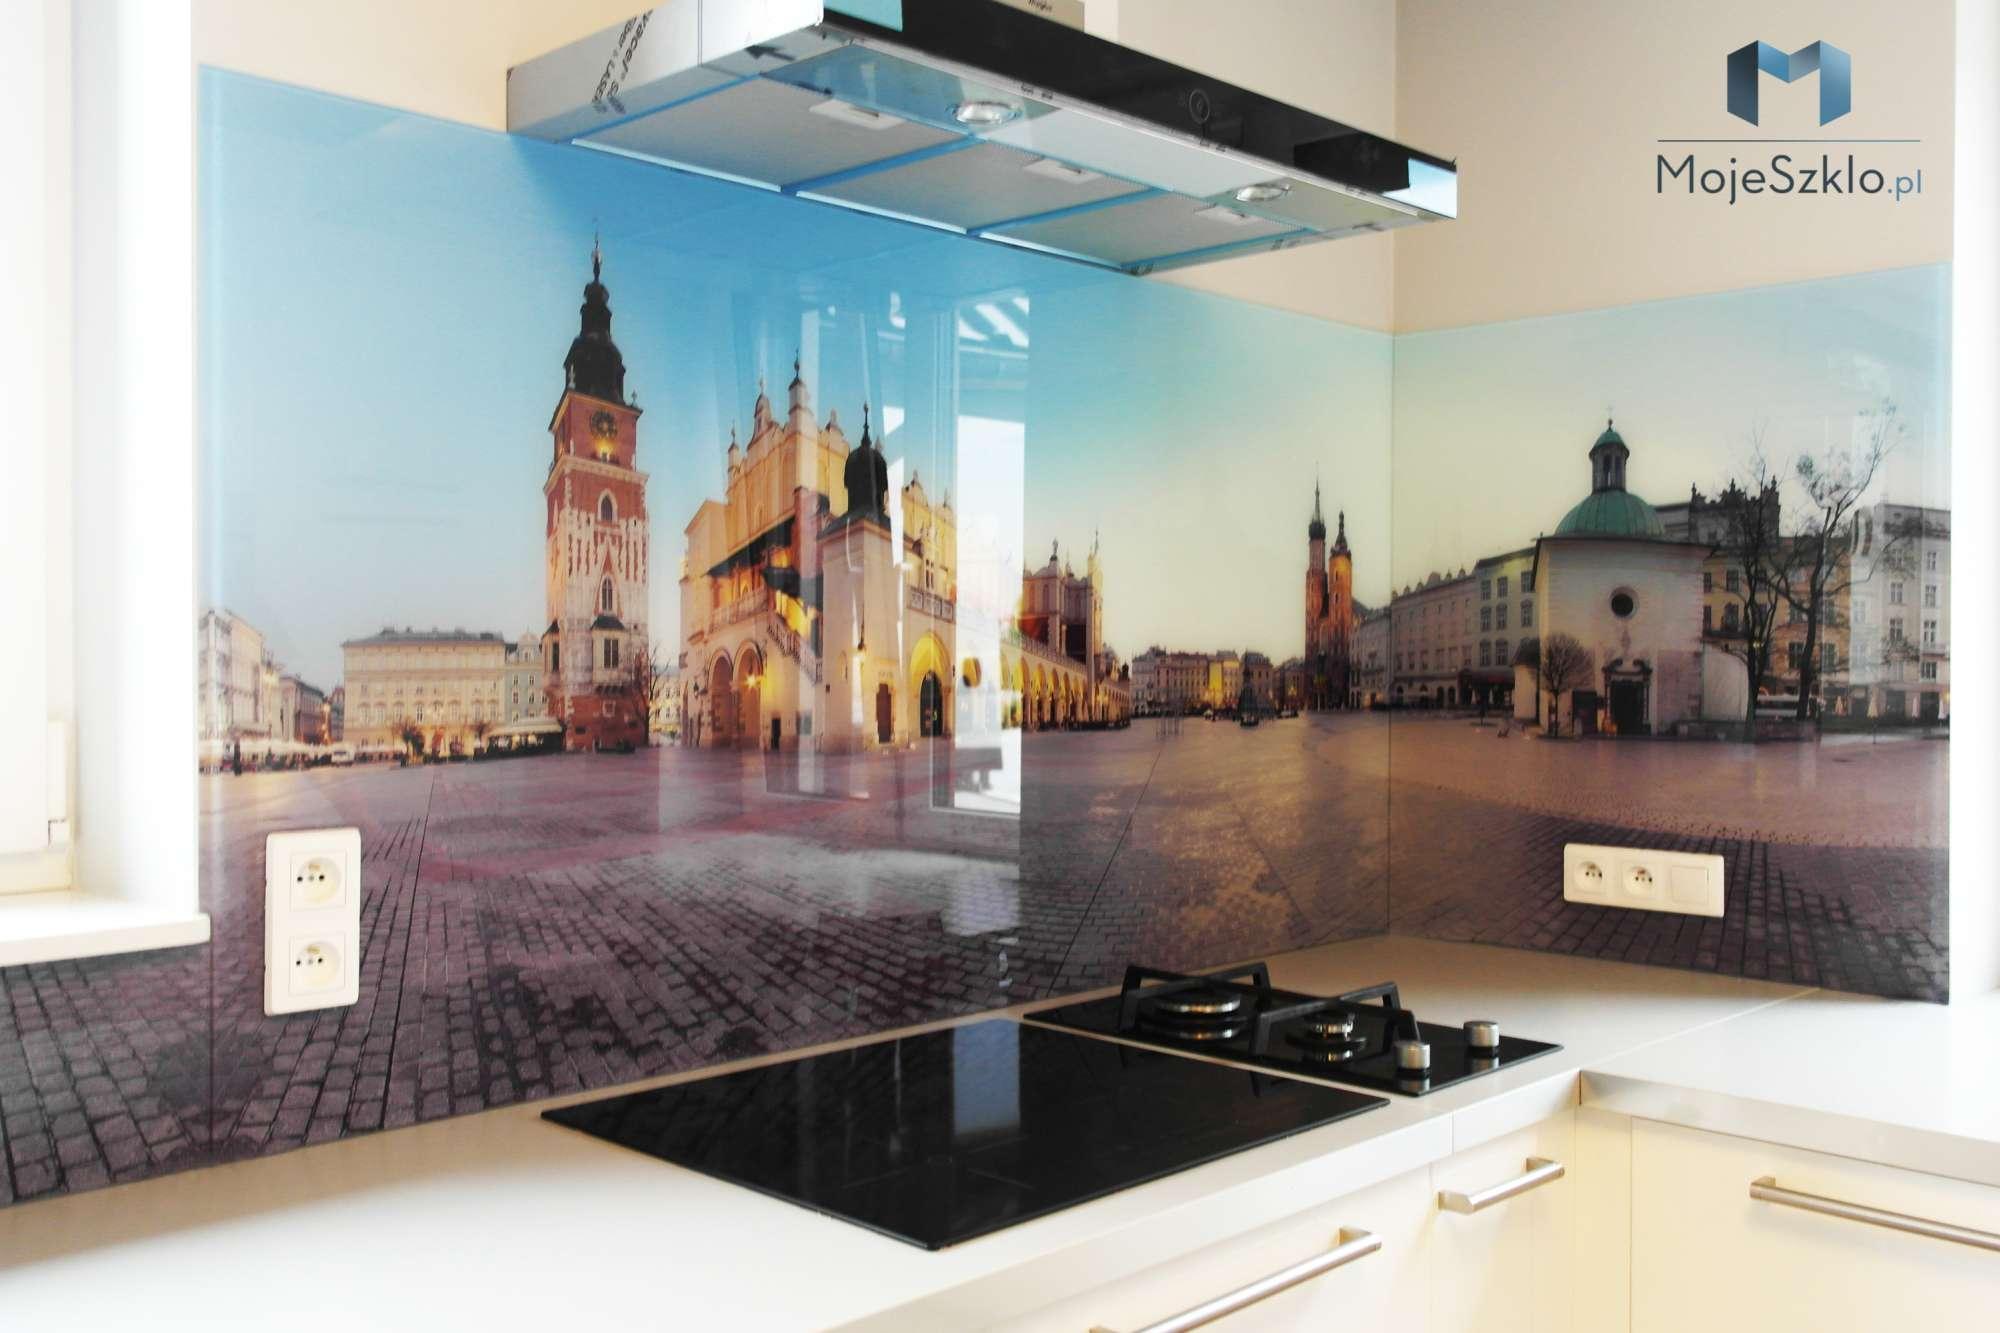 Szklo Hartowane Do Kuchni Krakow 1 - Lacobel wzory. Różne motywy grafiki na szkle